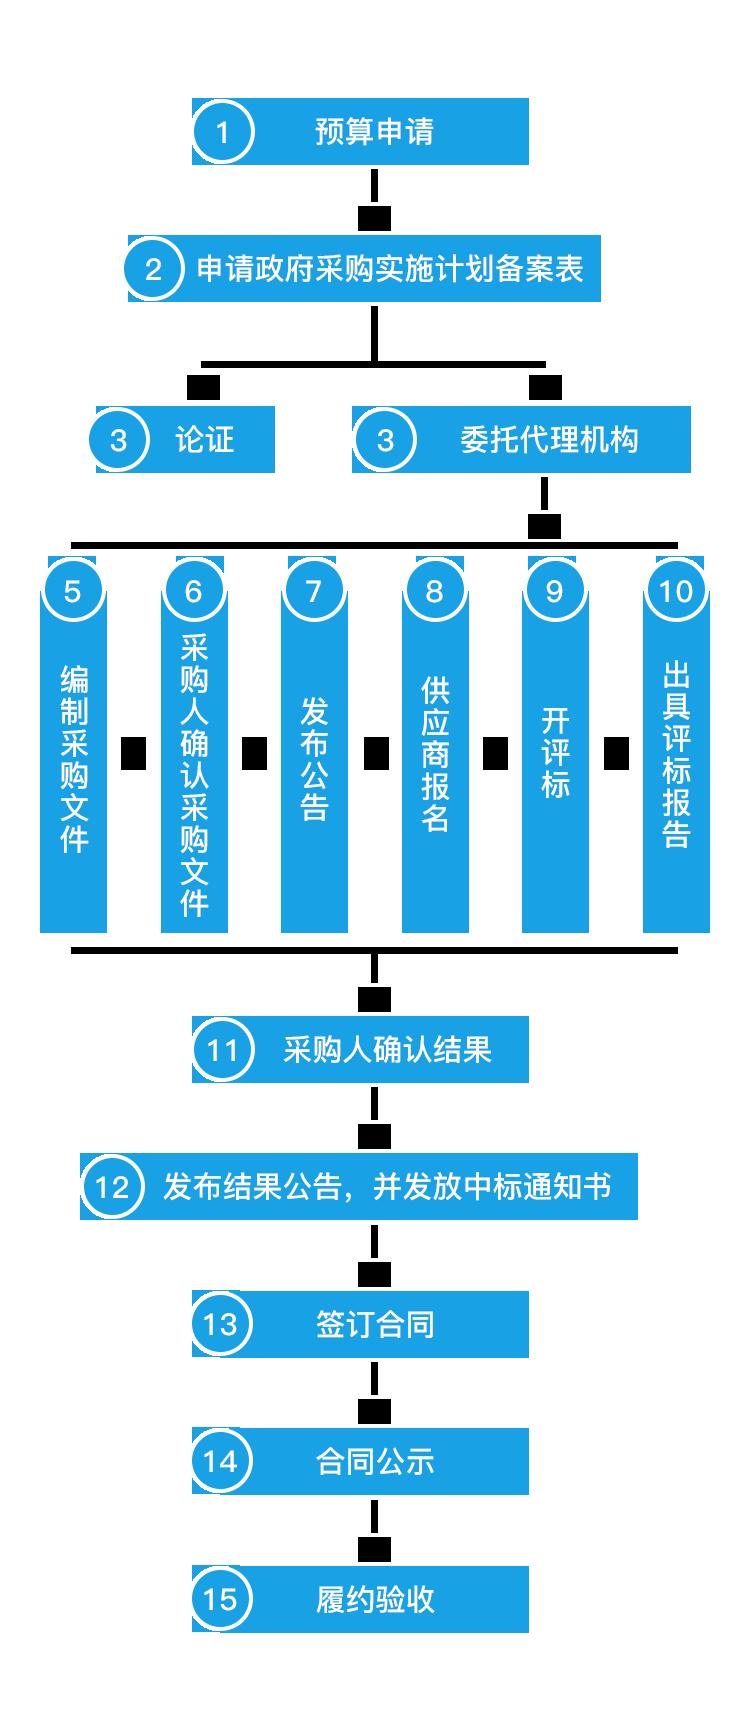 公开招标流程 / OPEN TENDERING PROCESS